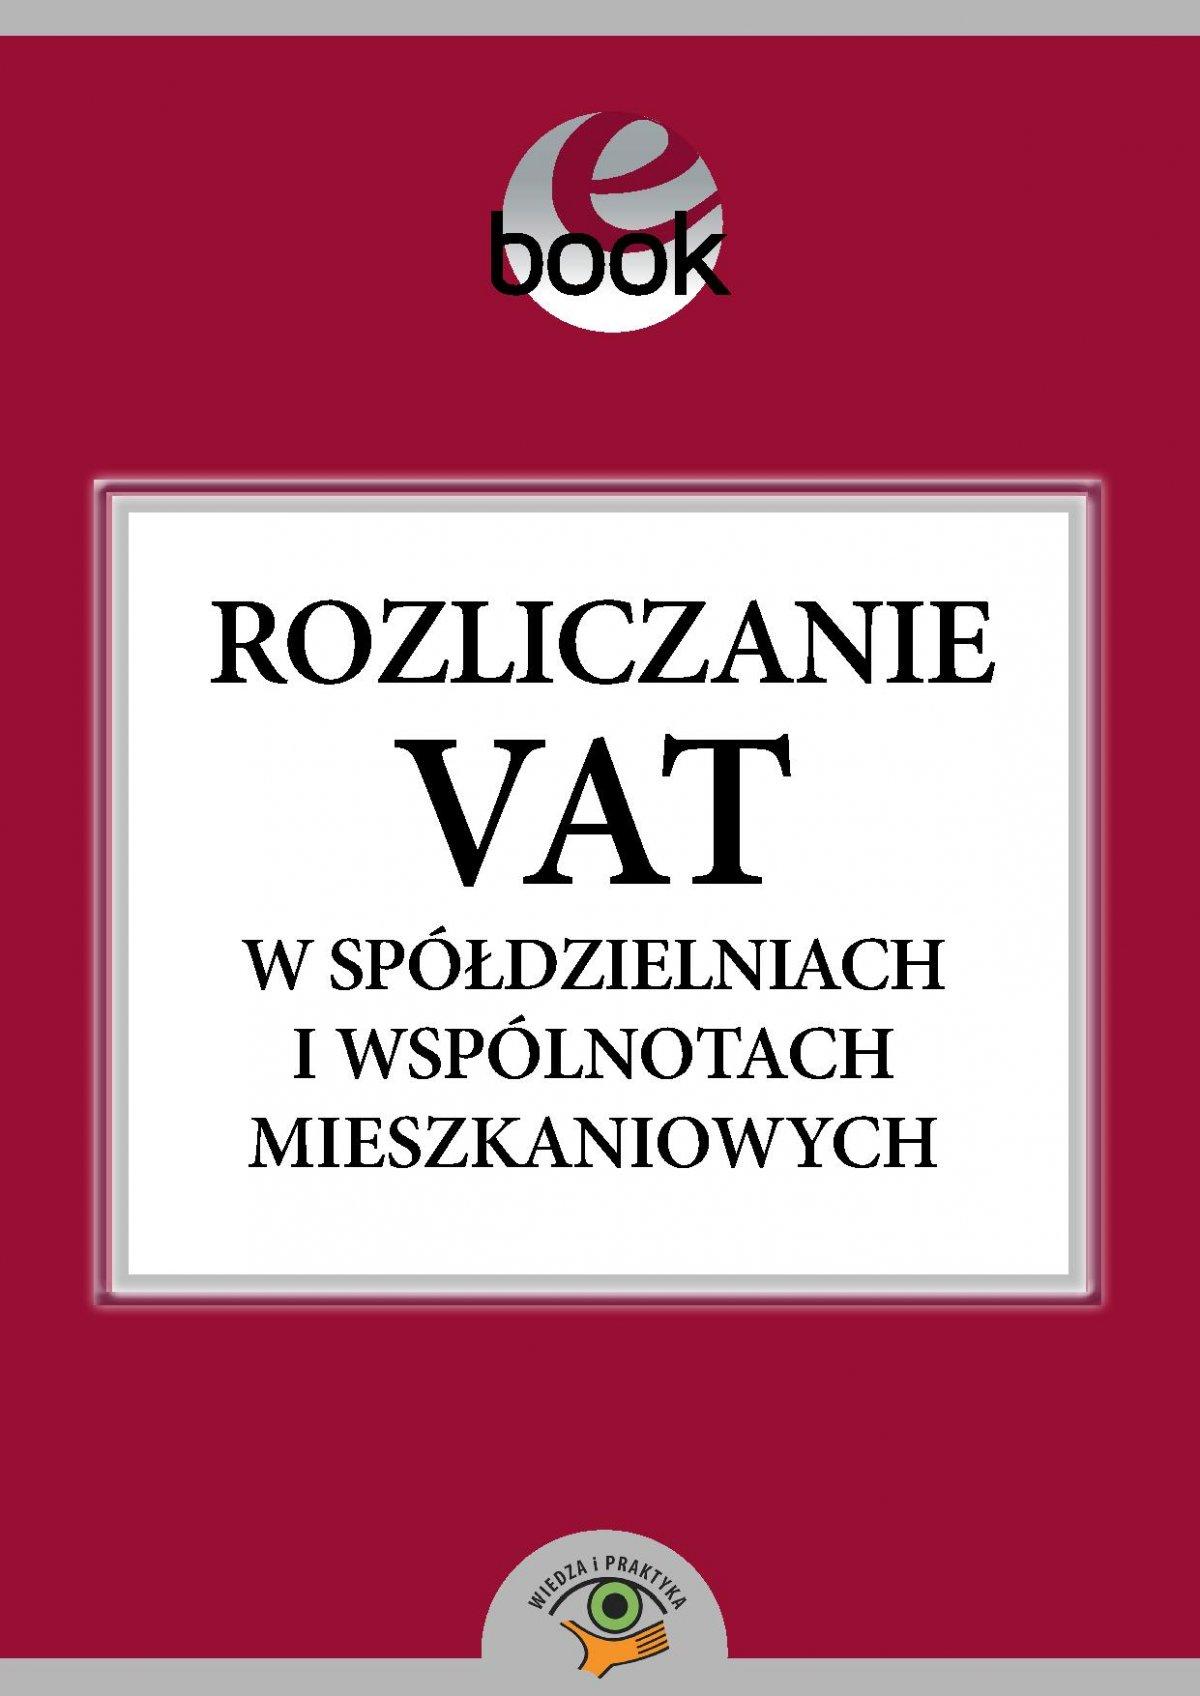 Rozliczanie VAT w spółdzielniach i wspólnotach mieszkaniowych - Ebook (Książka PDF) do pobrania w formacie PDF